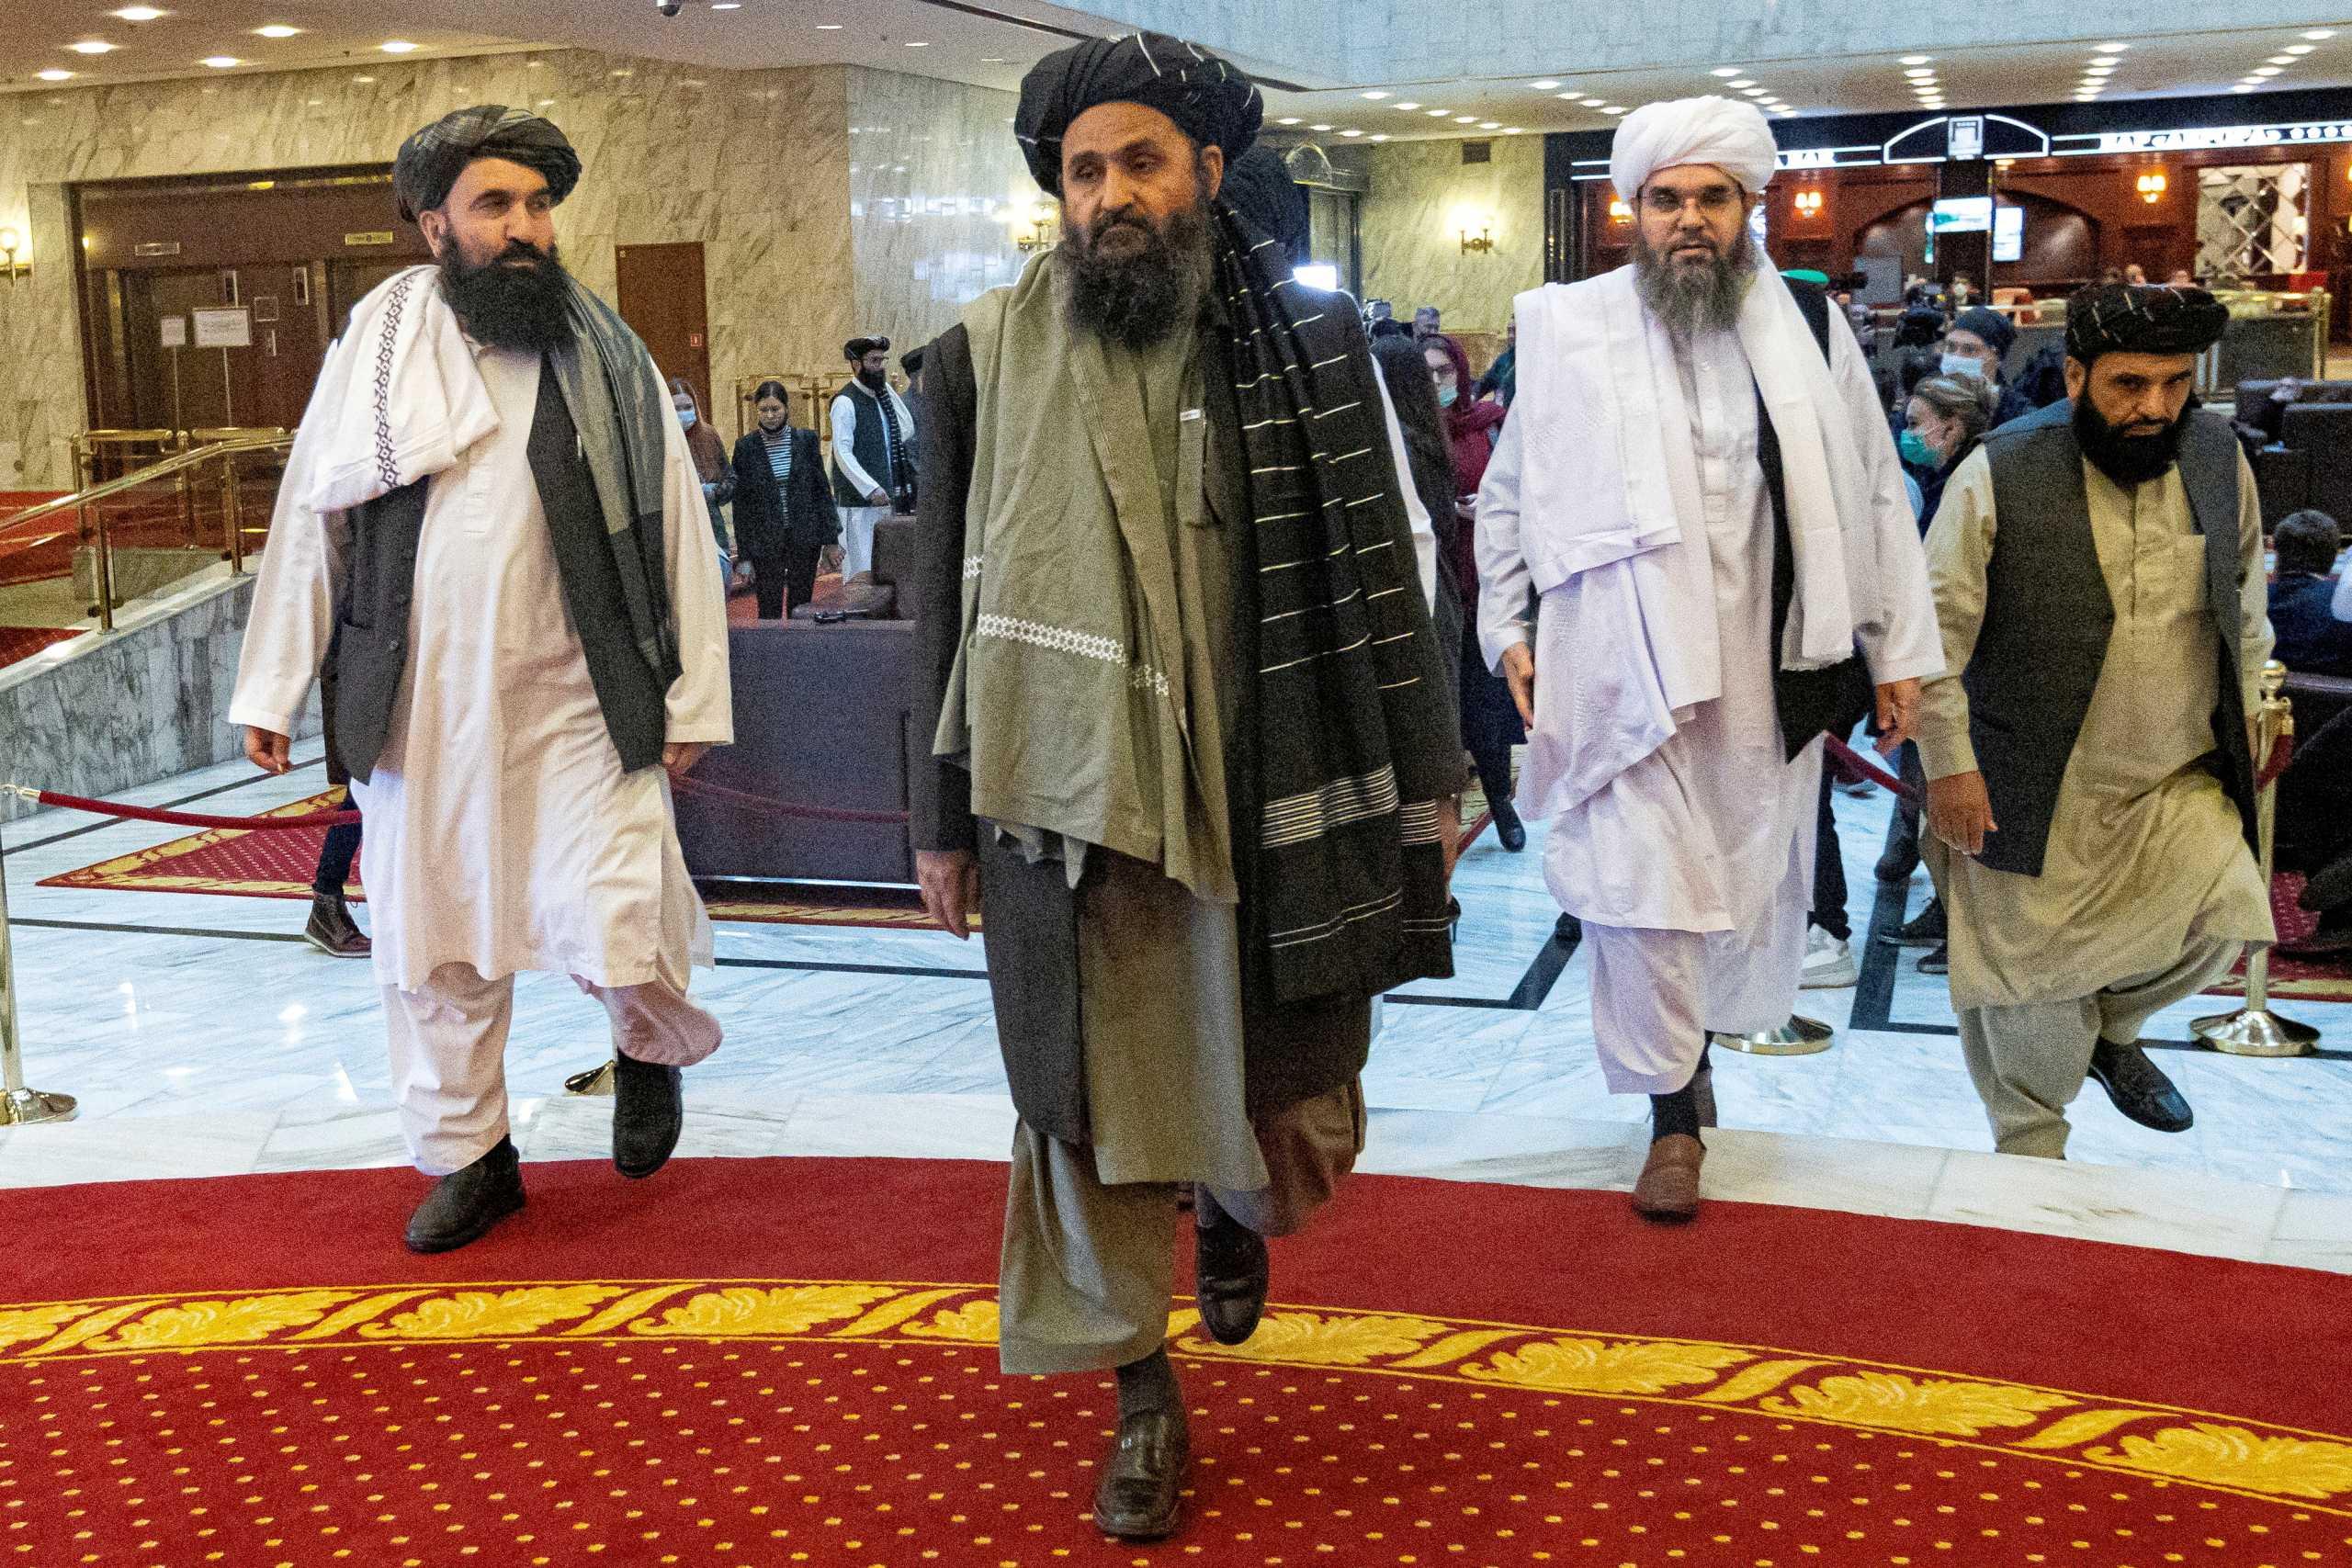 Αφγανιστάν: Οι Ταλιμπάν διαψεύδουν πως Μπαράνταν είναι νεκρός